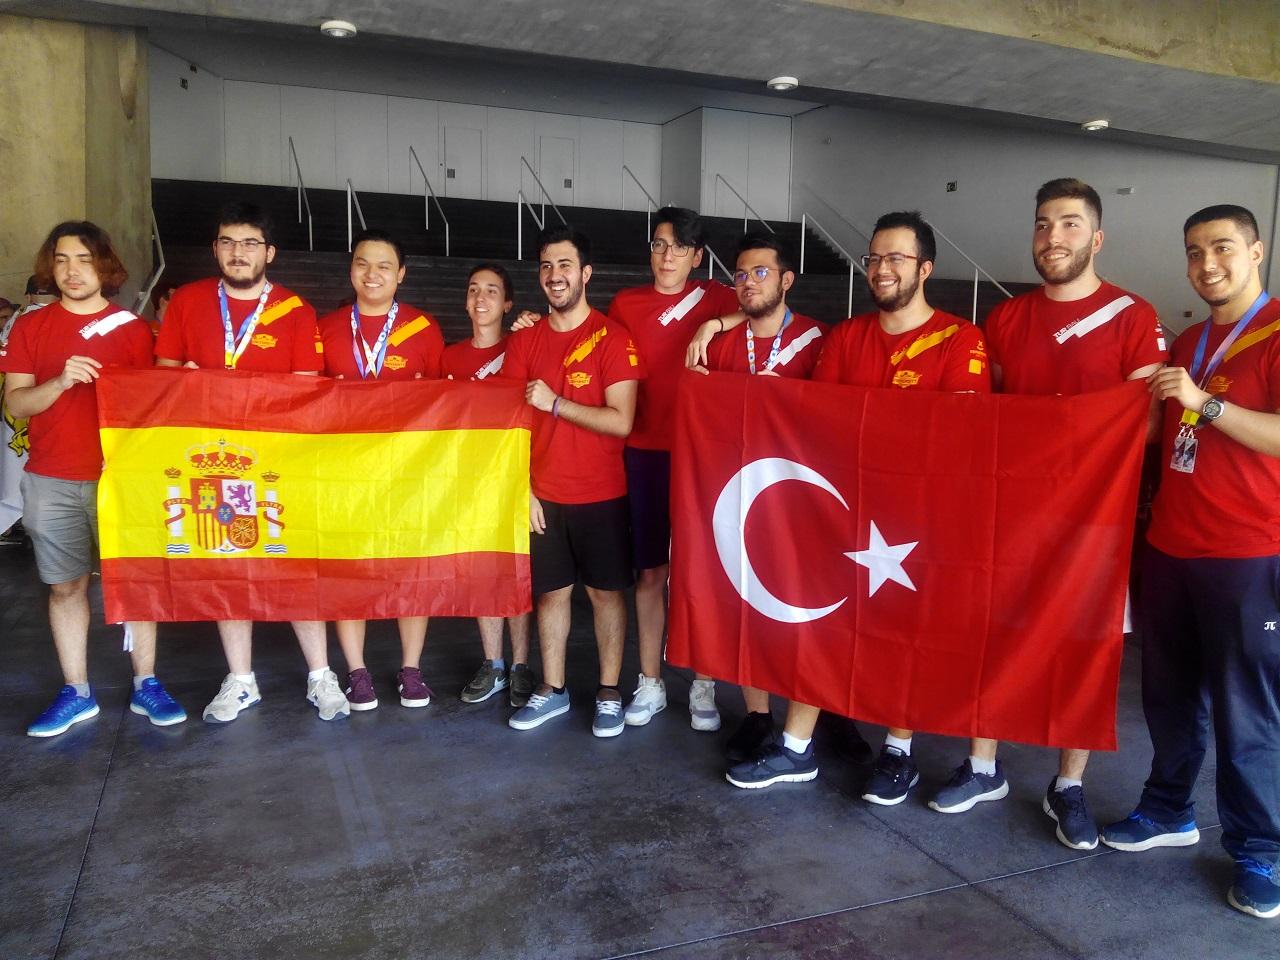 La final de University eSports Masters es conquistada por una universidad turca